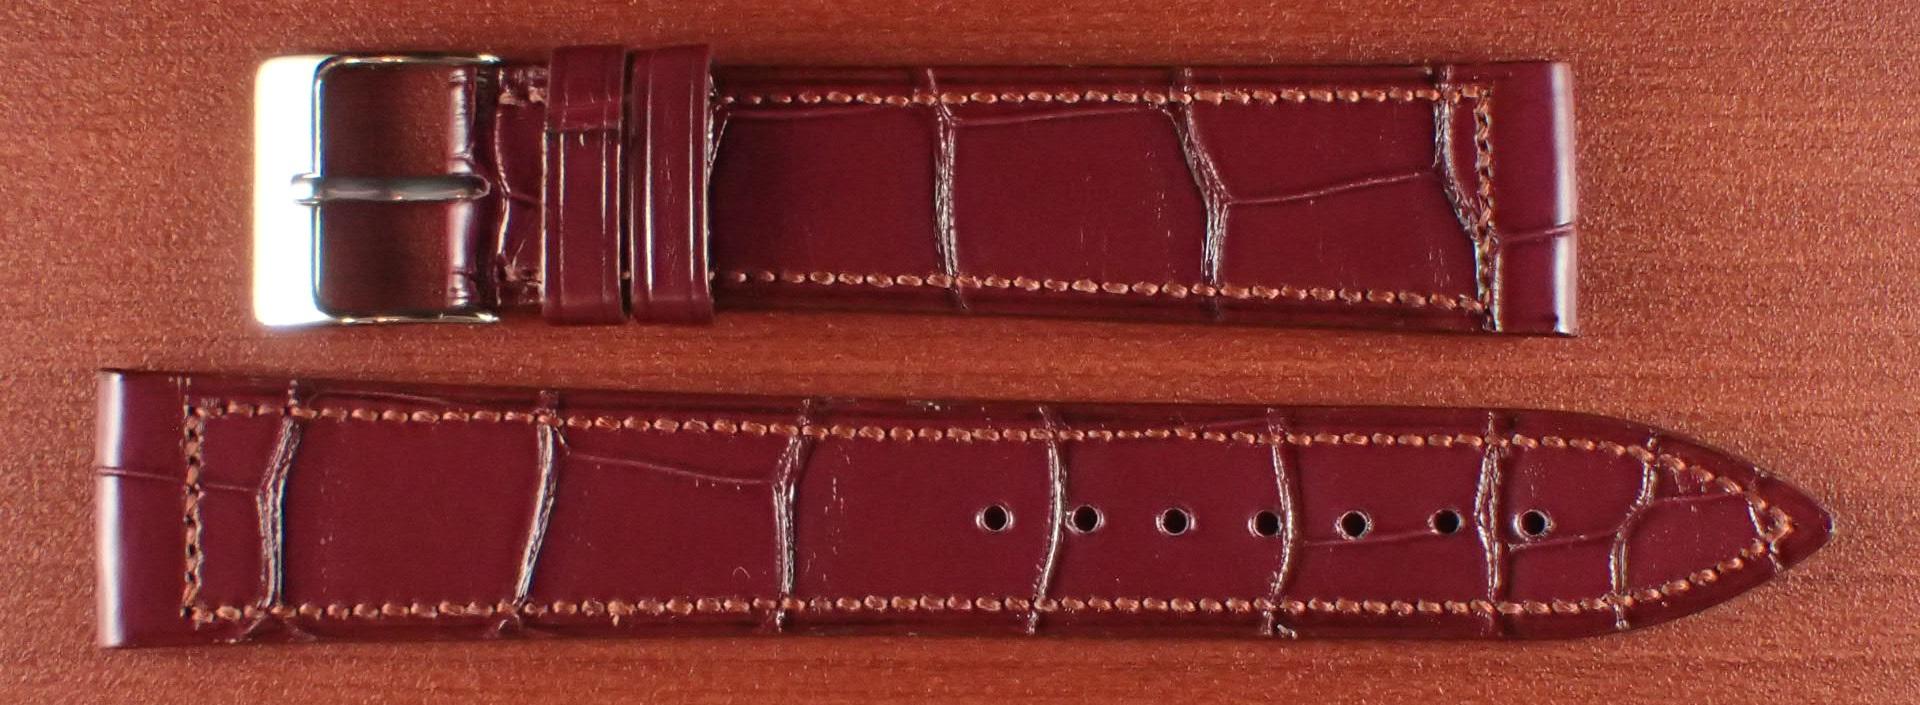 ジャン・クロード ペラン革ベルト クロコダイル ボルドー 18mm